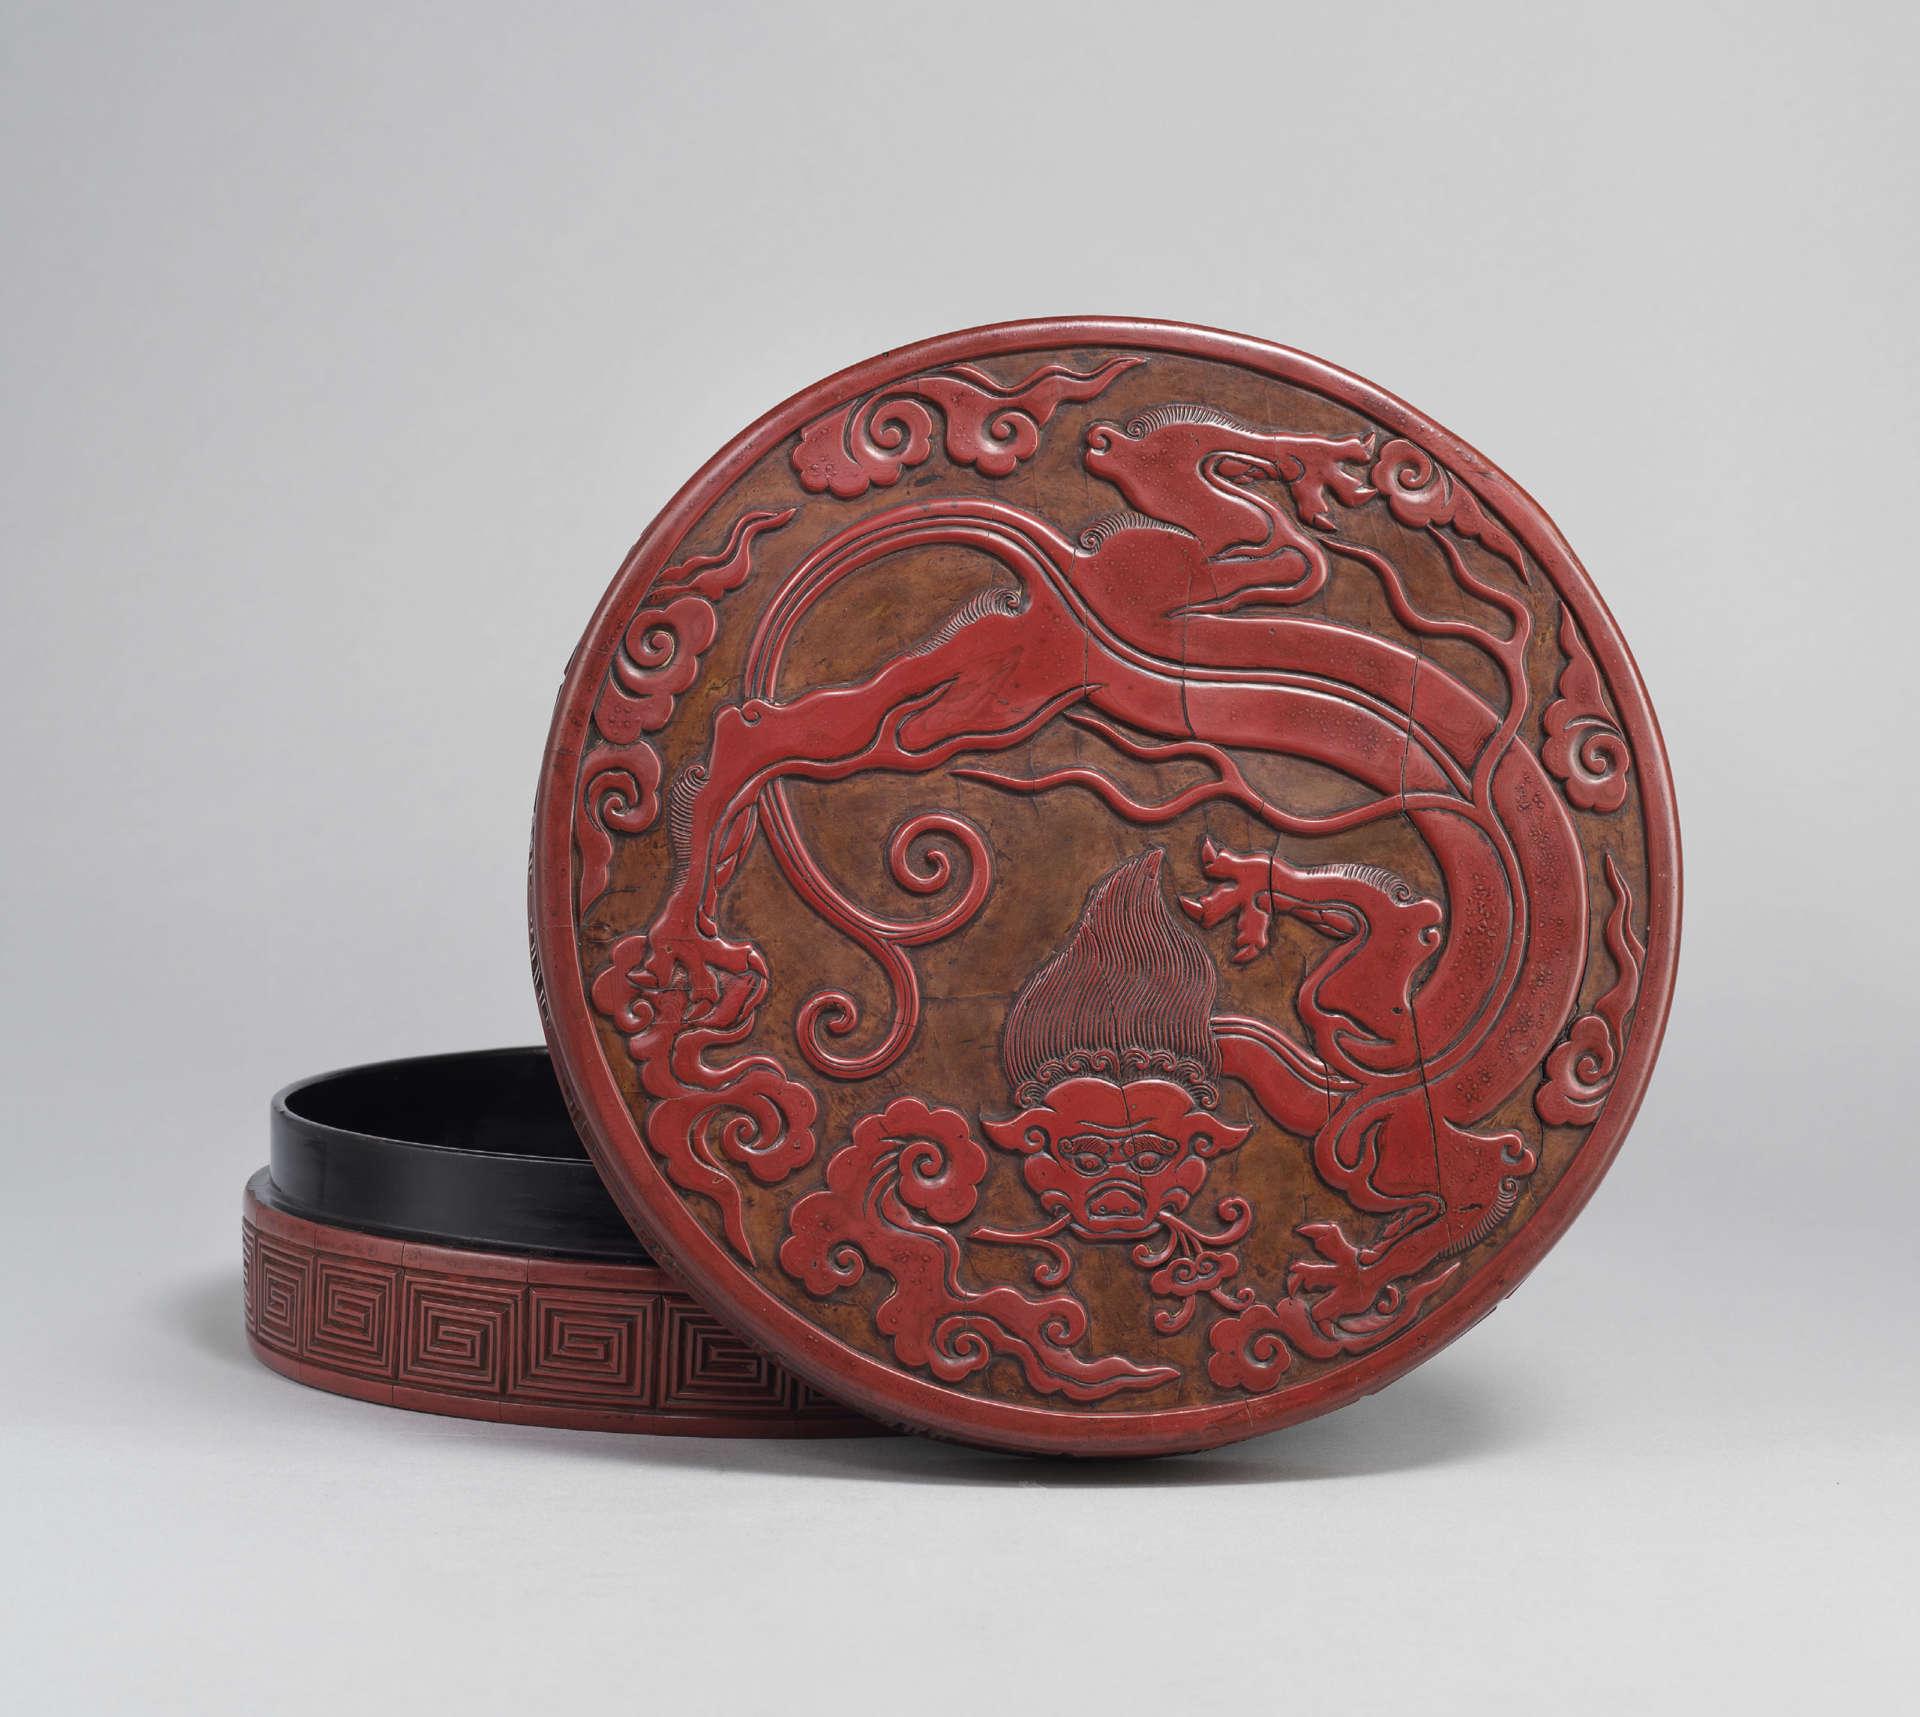 元 剔紅螭龍銜靈芝紋蓋盒